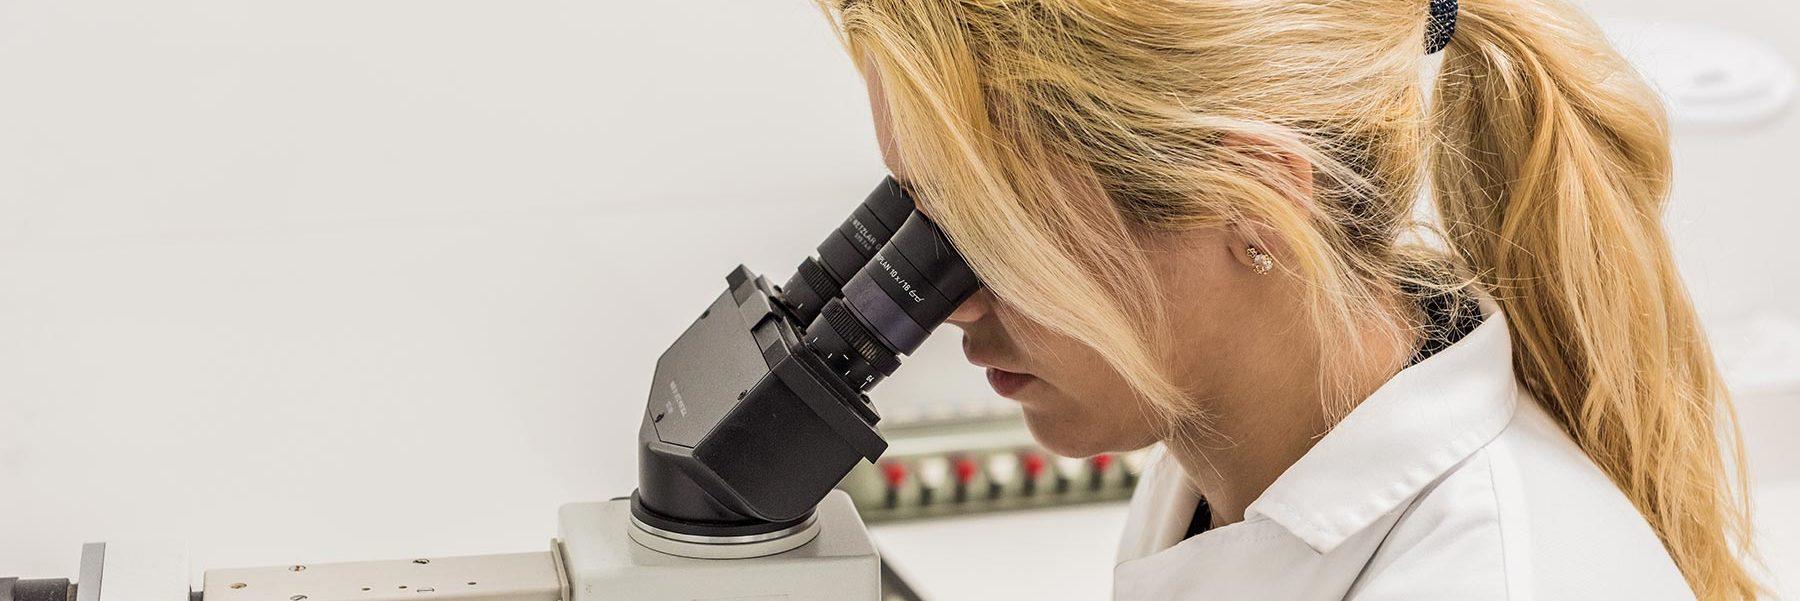 laboratorio Microbiología